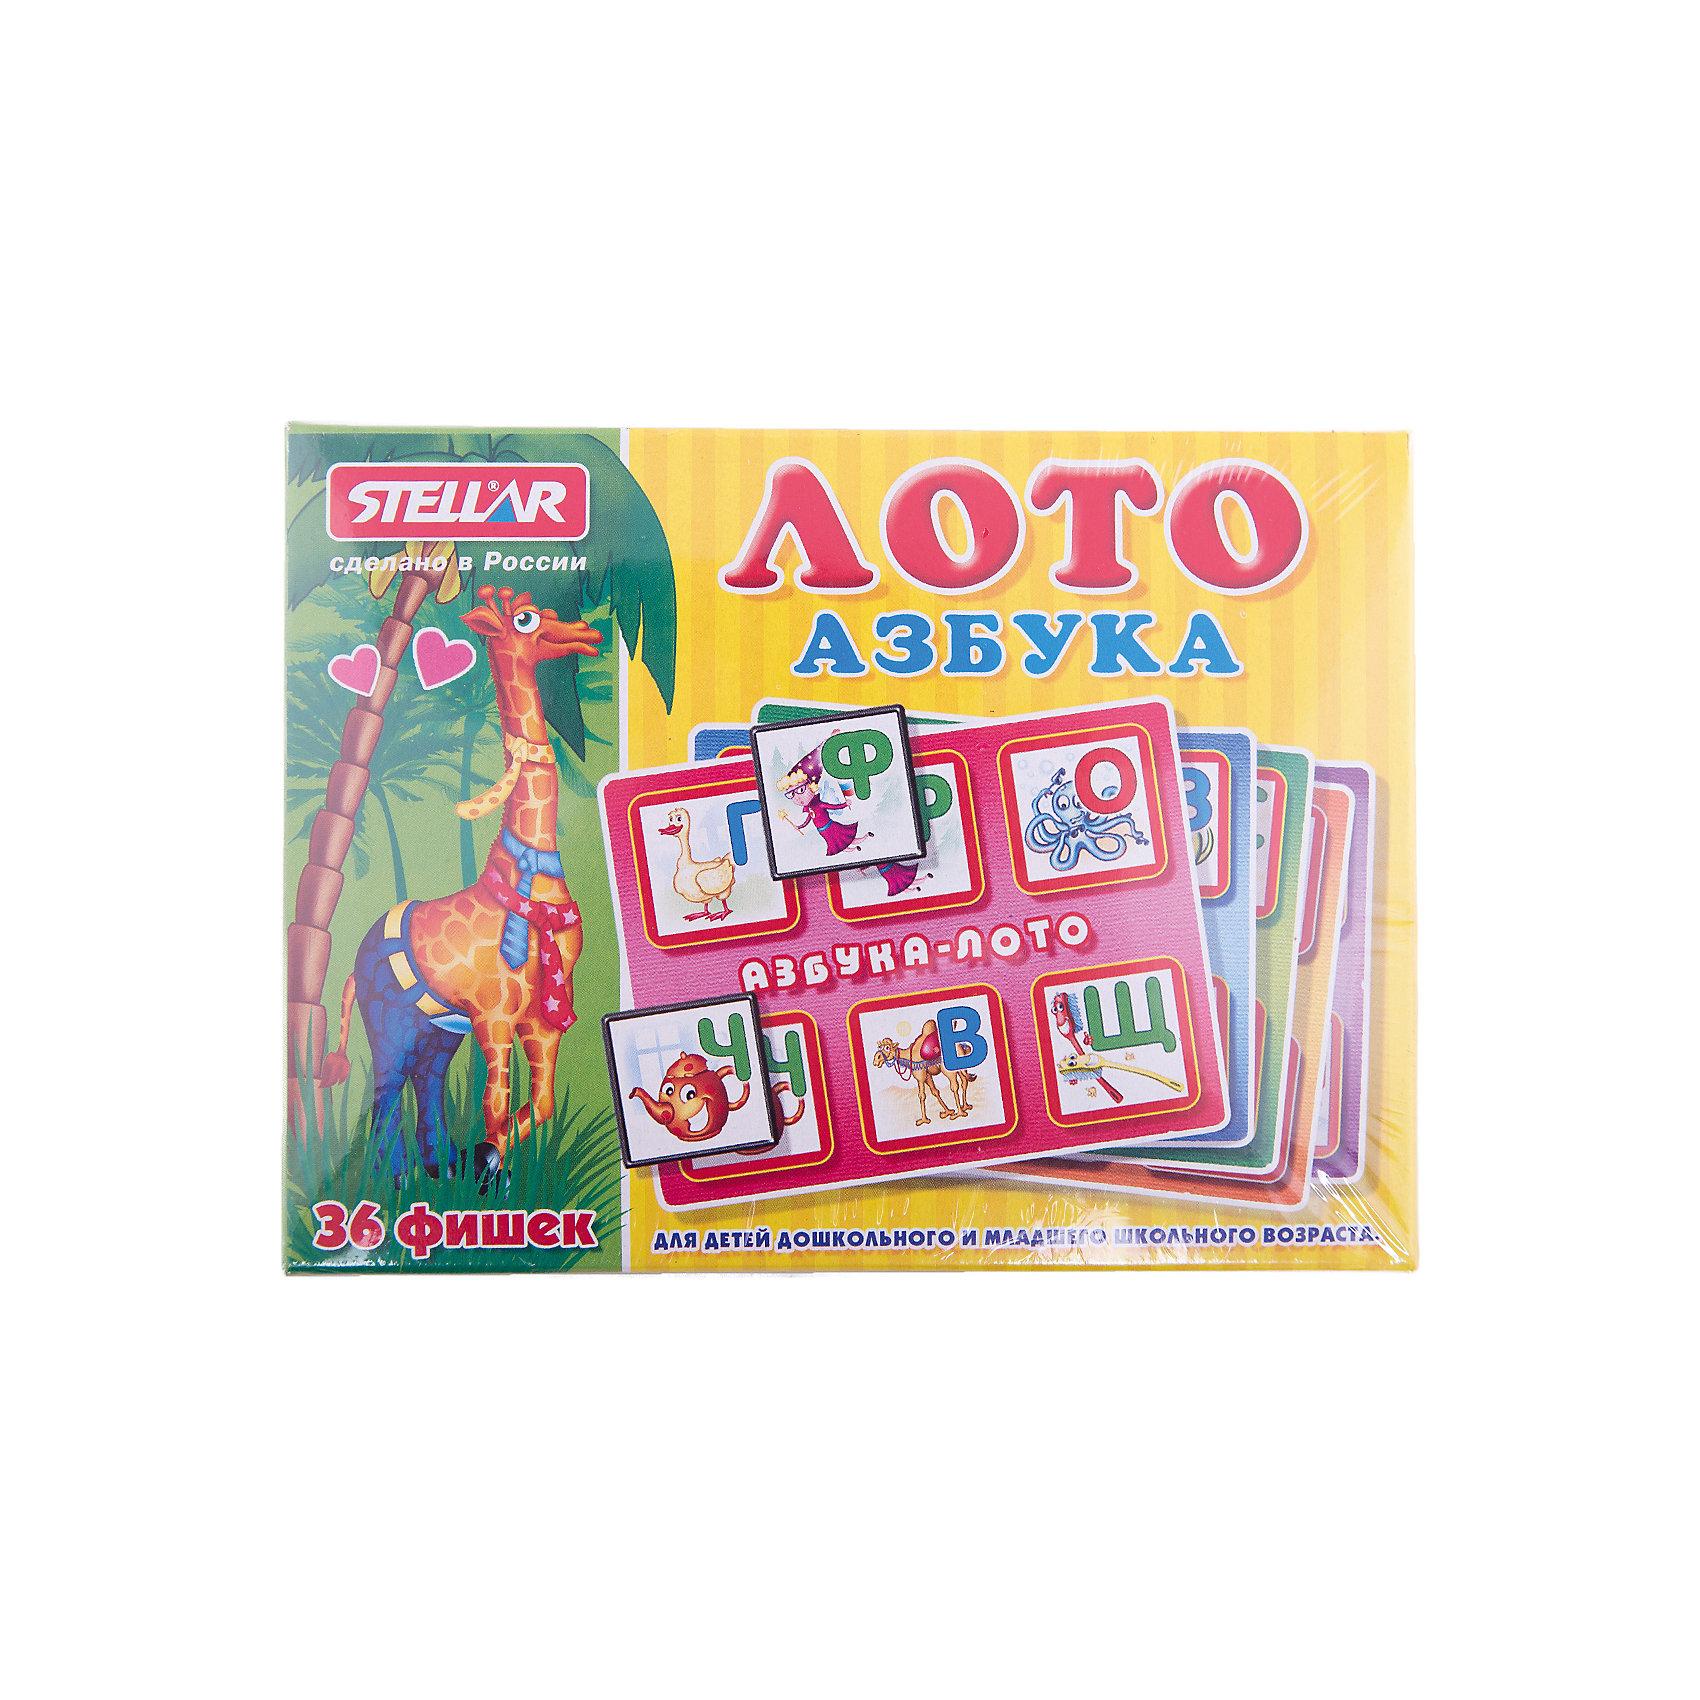 Лото Азбука, СтелларКлассическая русская игра. В набор входят 6 карточек, 36 фишек и мешочек.<br><br>Ширина мм: 165<br>Глубина мм: 125<br>Высота мм: 40<br>Вес г: 200<br>Возраст от месяцев: 36<br>Возраст до месяцев: 1188<br>Пол: Унисекс<br>Возраст: Детский<br>SKU: 2407070